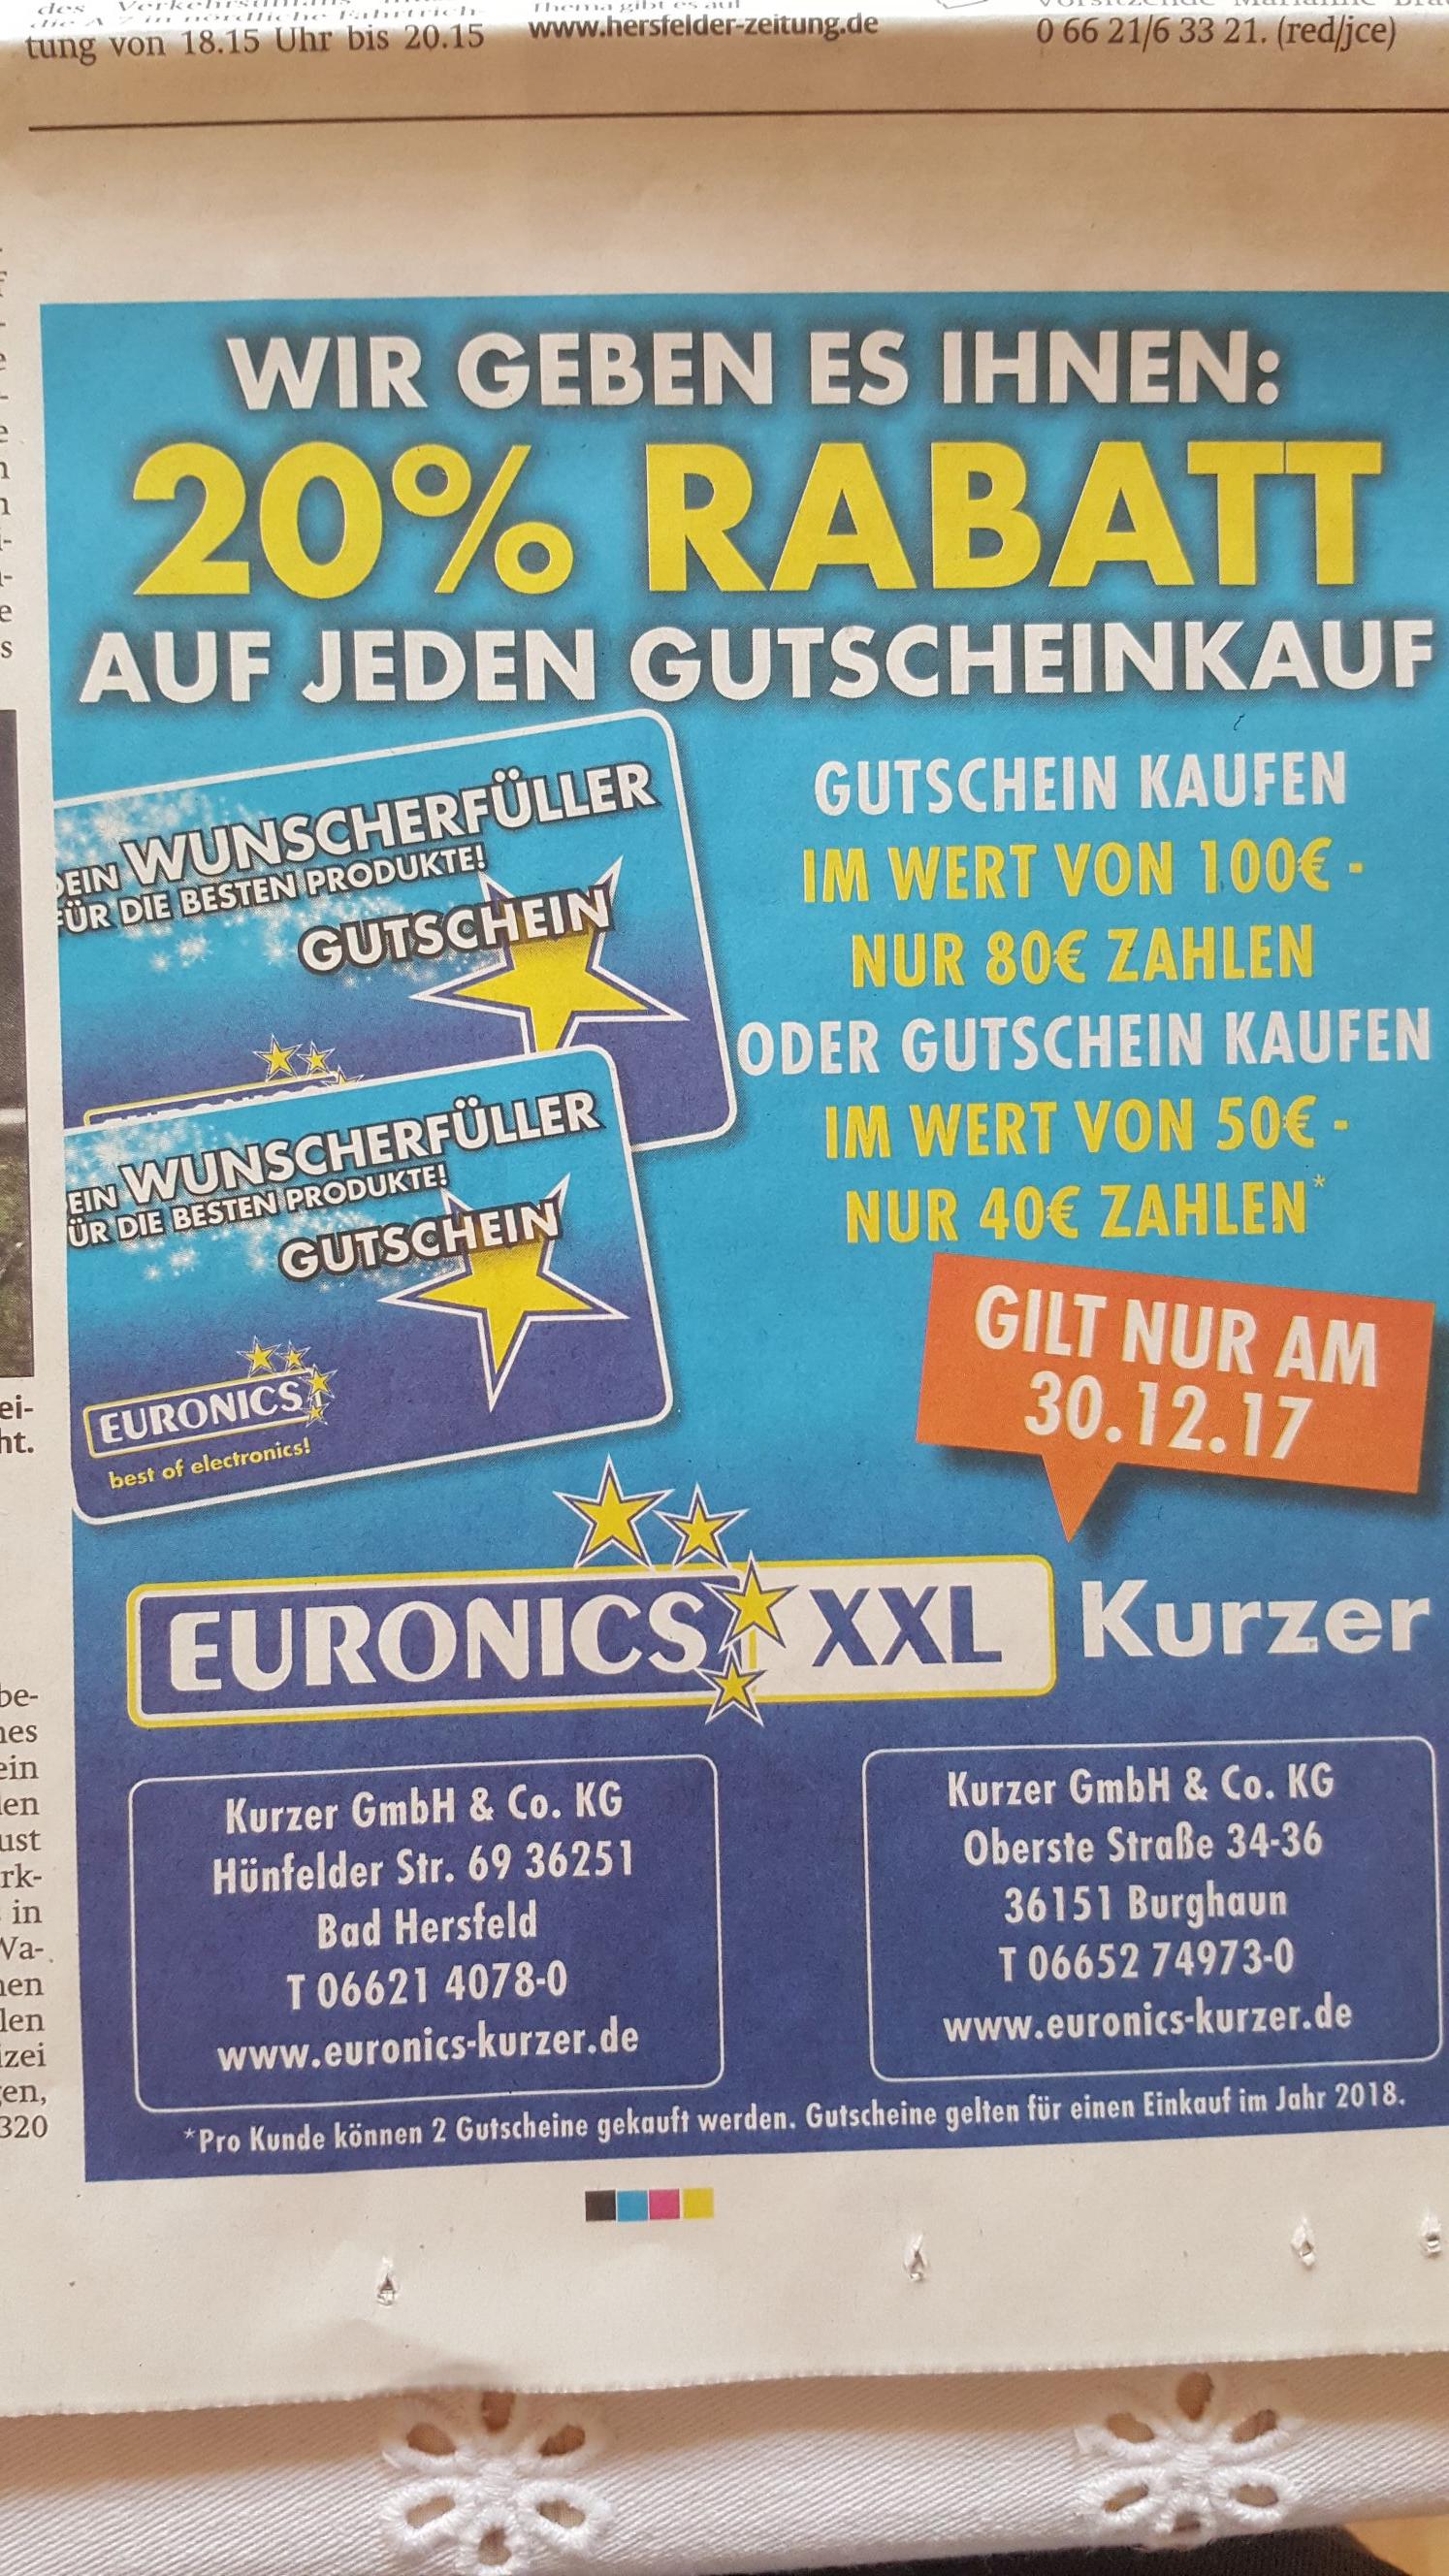 Lokal  20% Rabatt auf Gutscheine bei Euronics XXL Kurzer